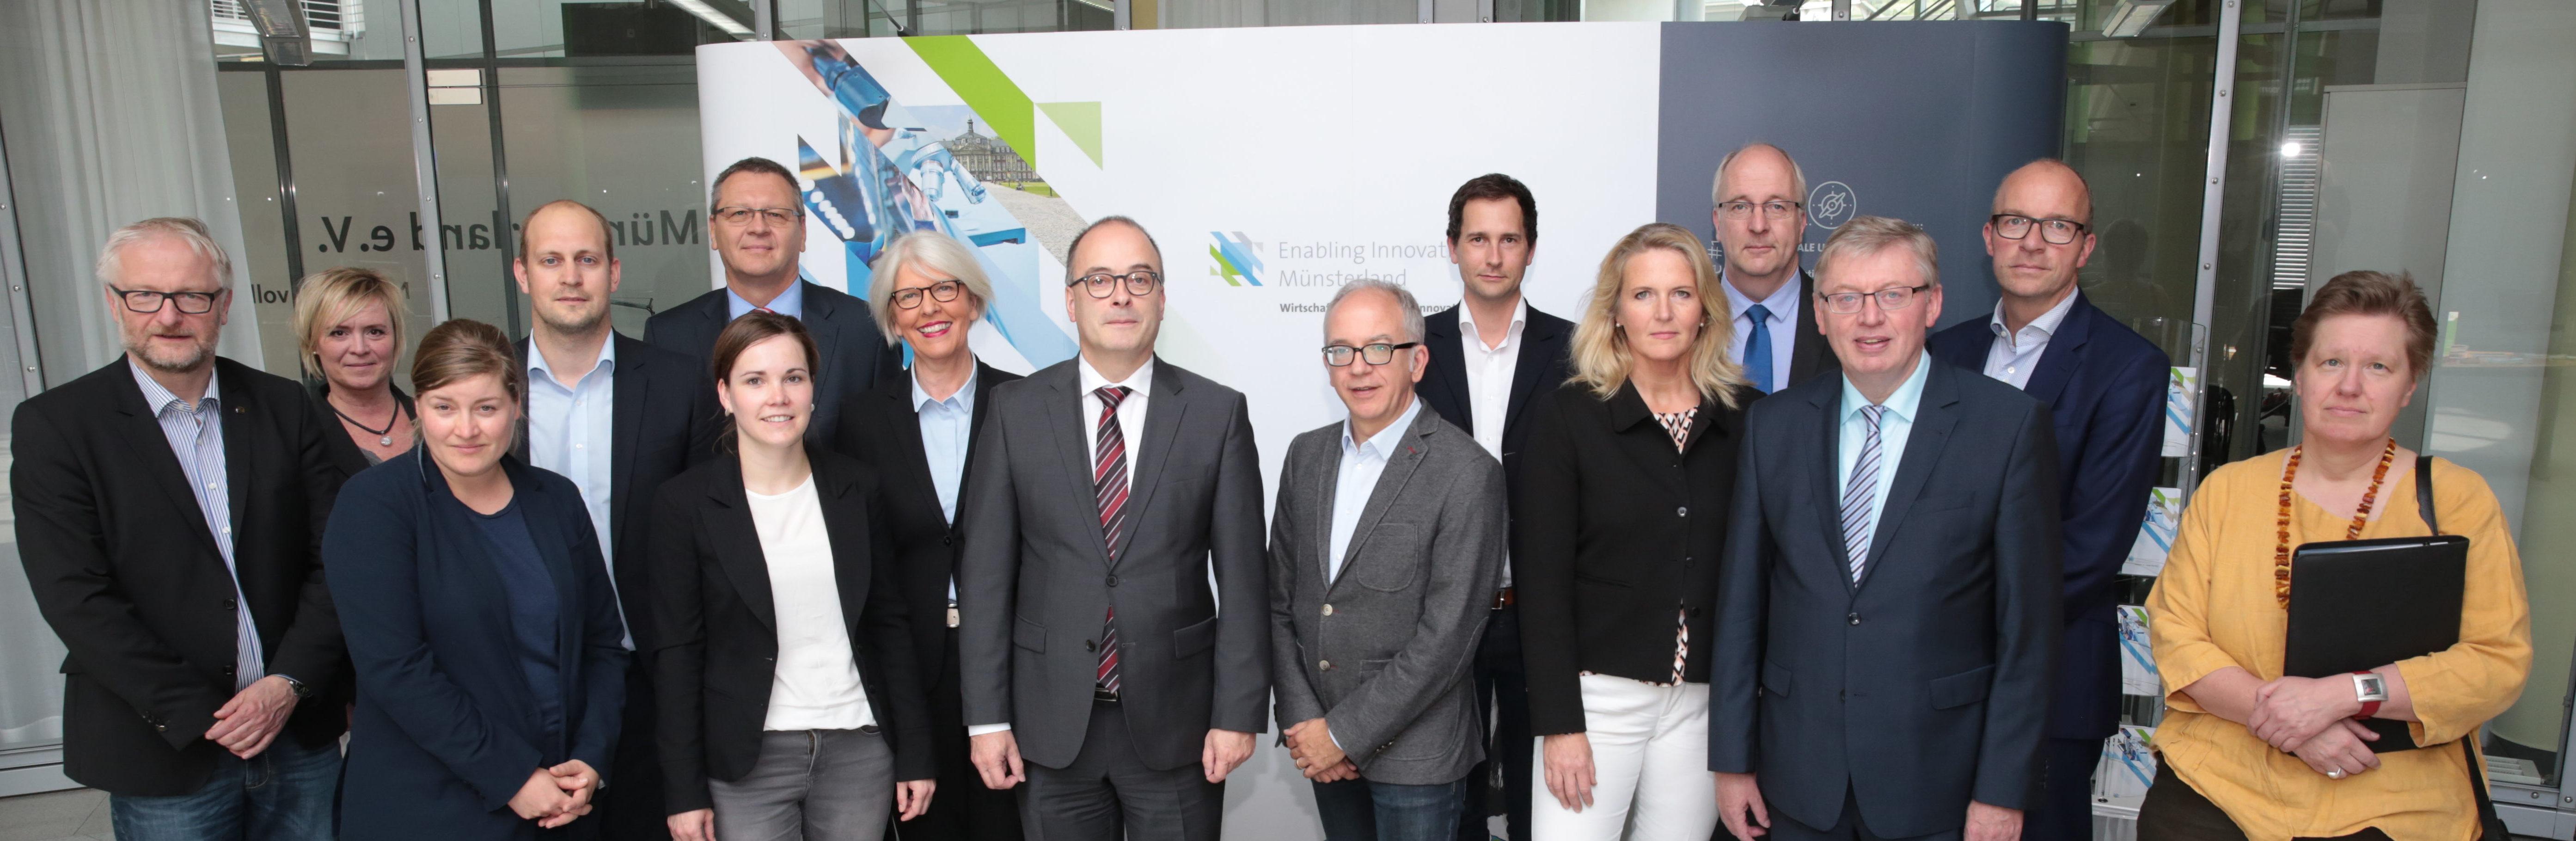 Neue Strategie für regionale Innovationsförderung